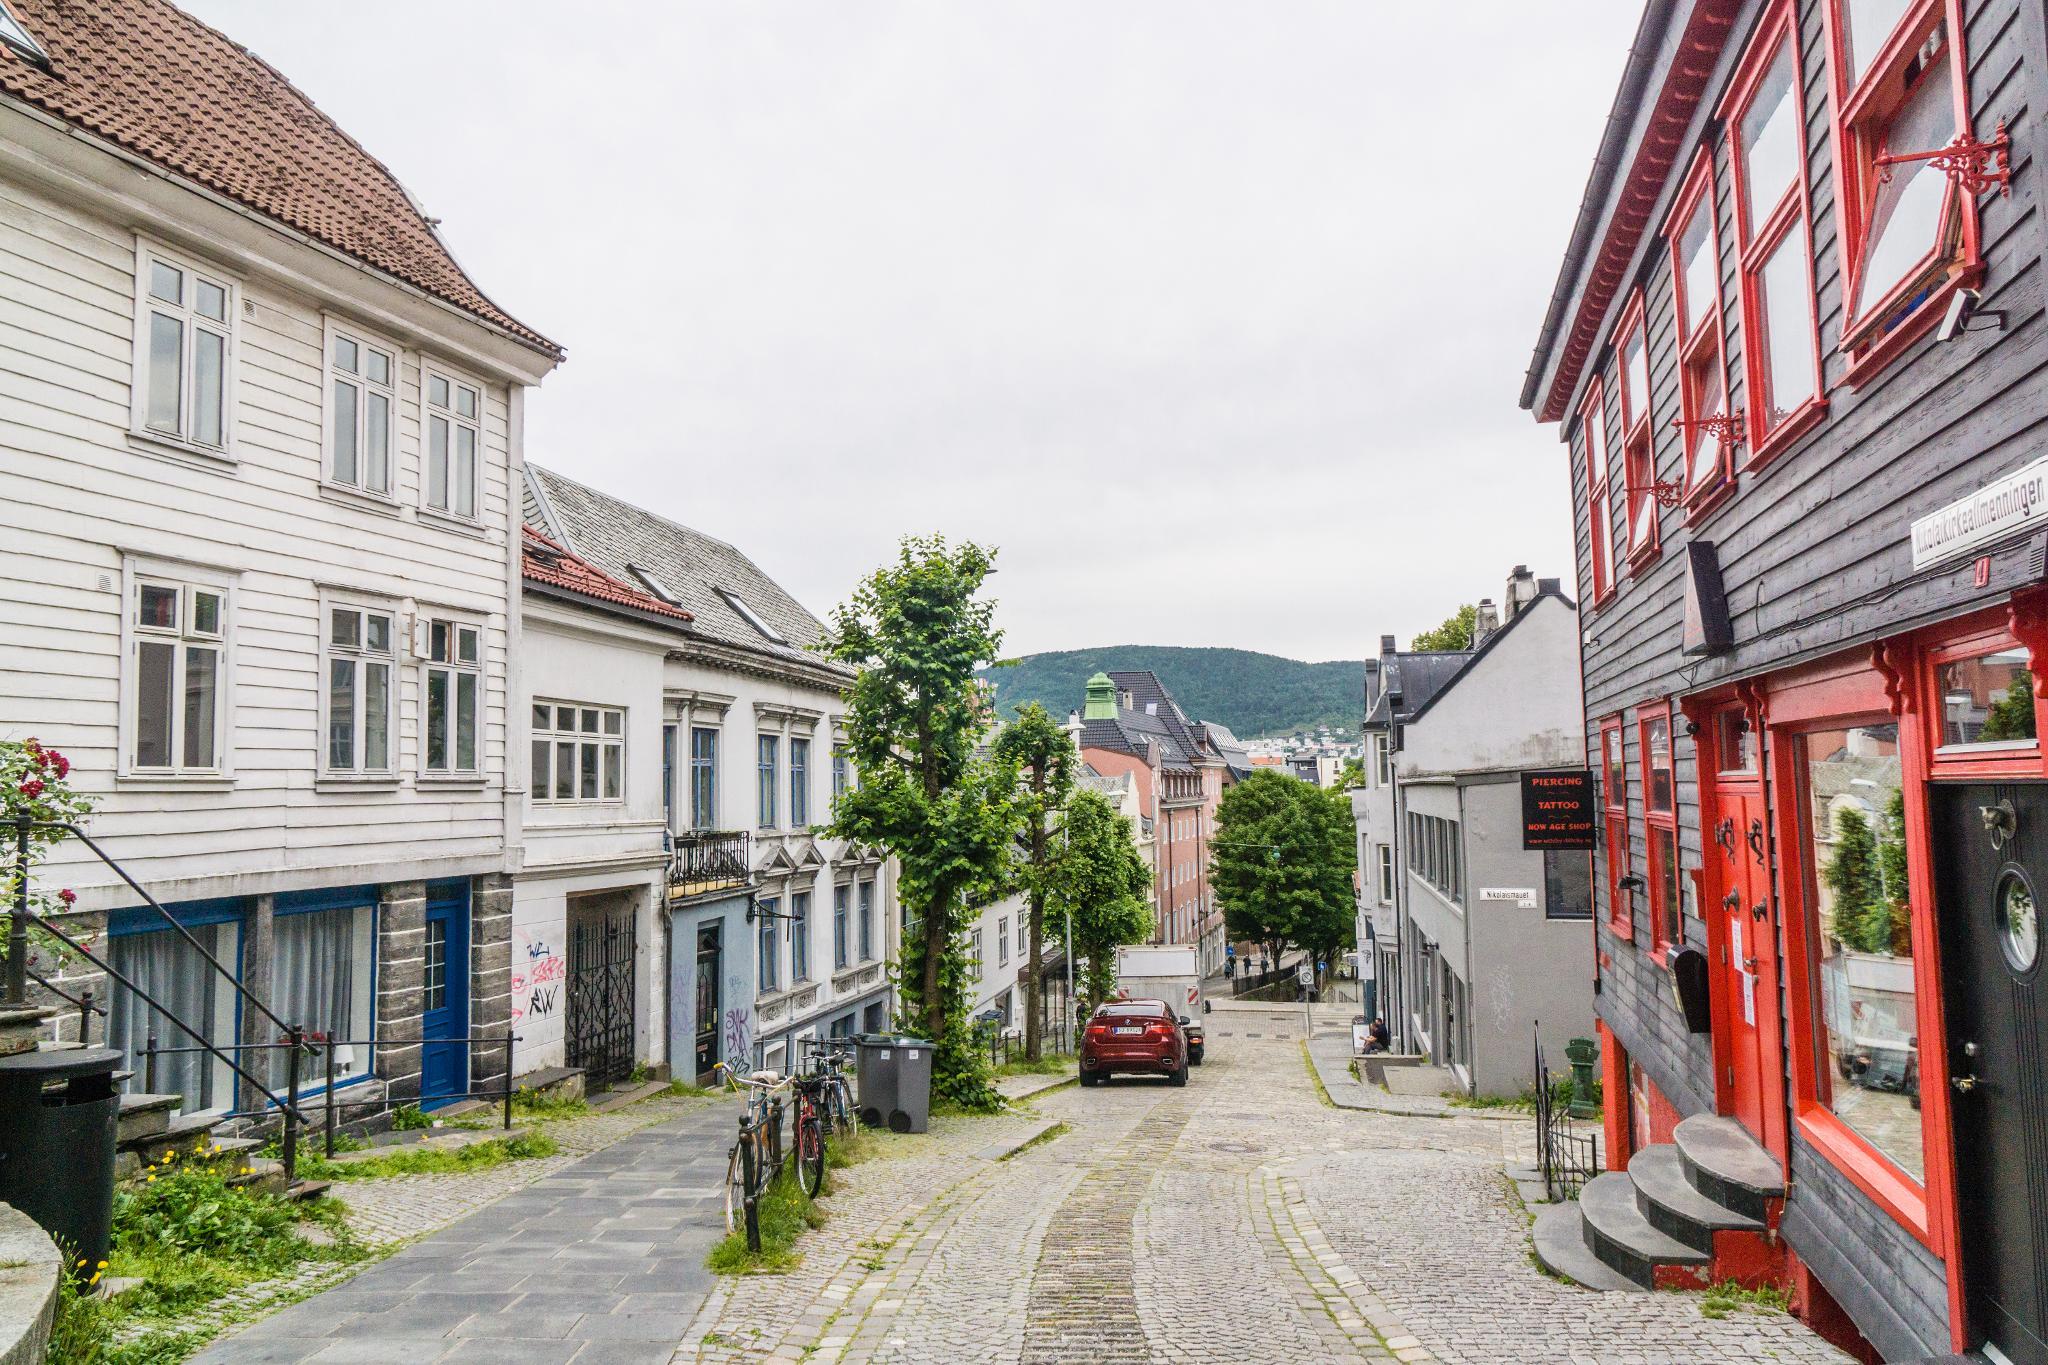 【卑爾根】旅行隨筆:走入卑爾根郊區的尋常百姓家 39